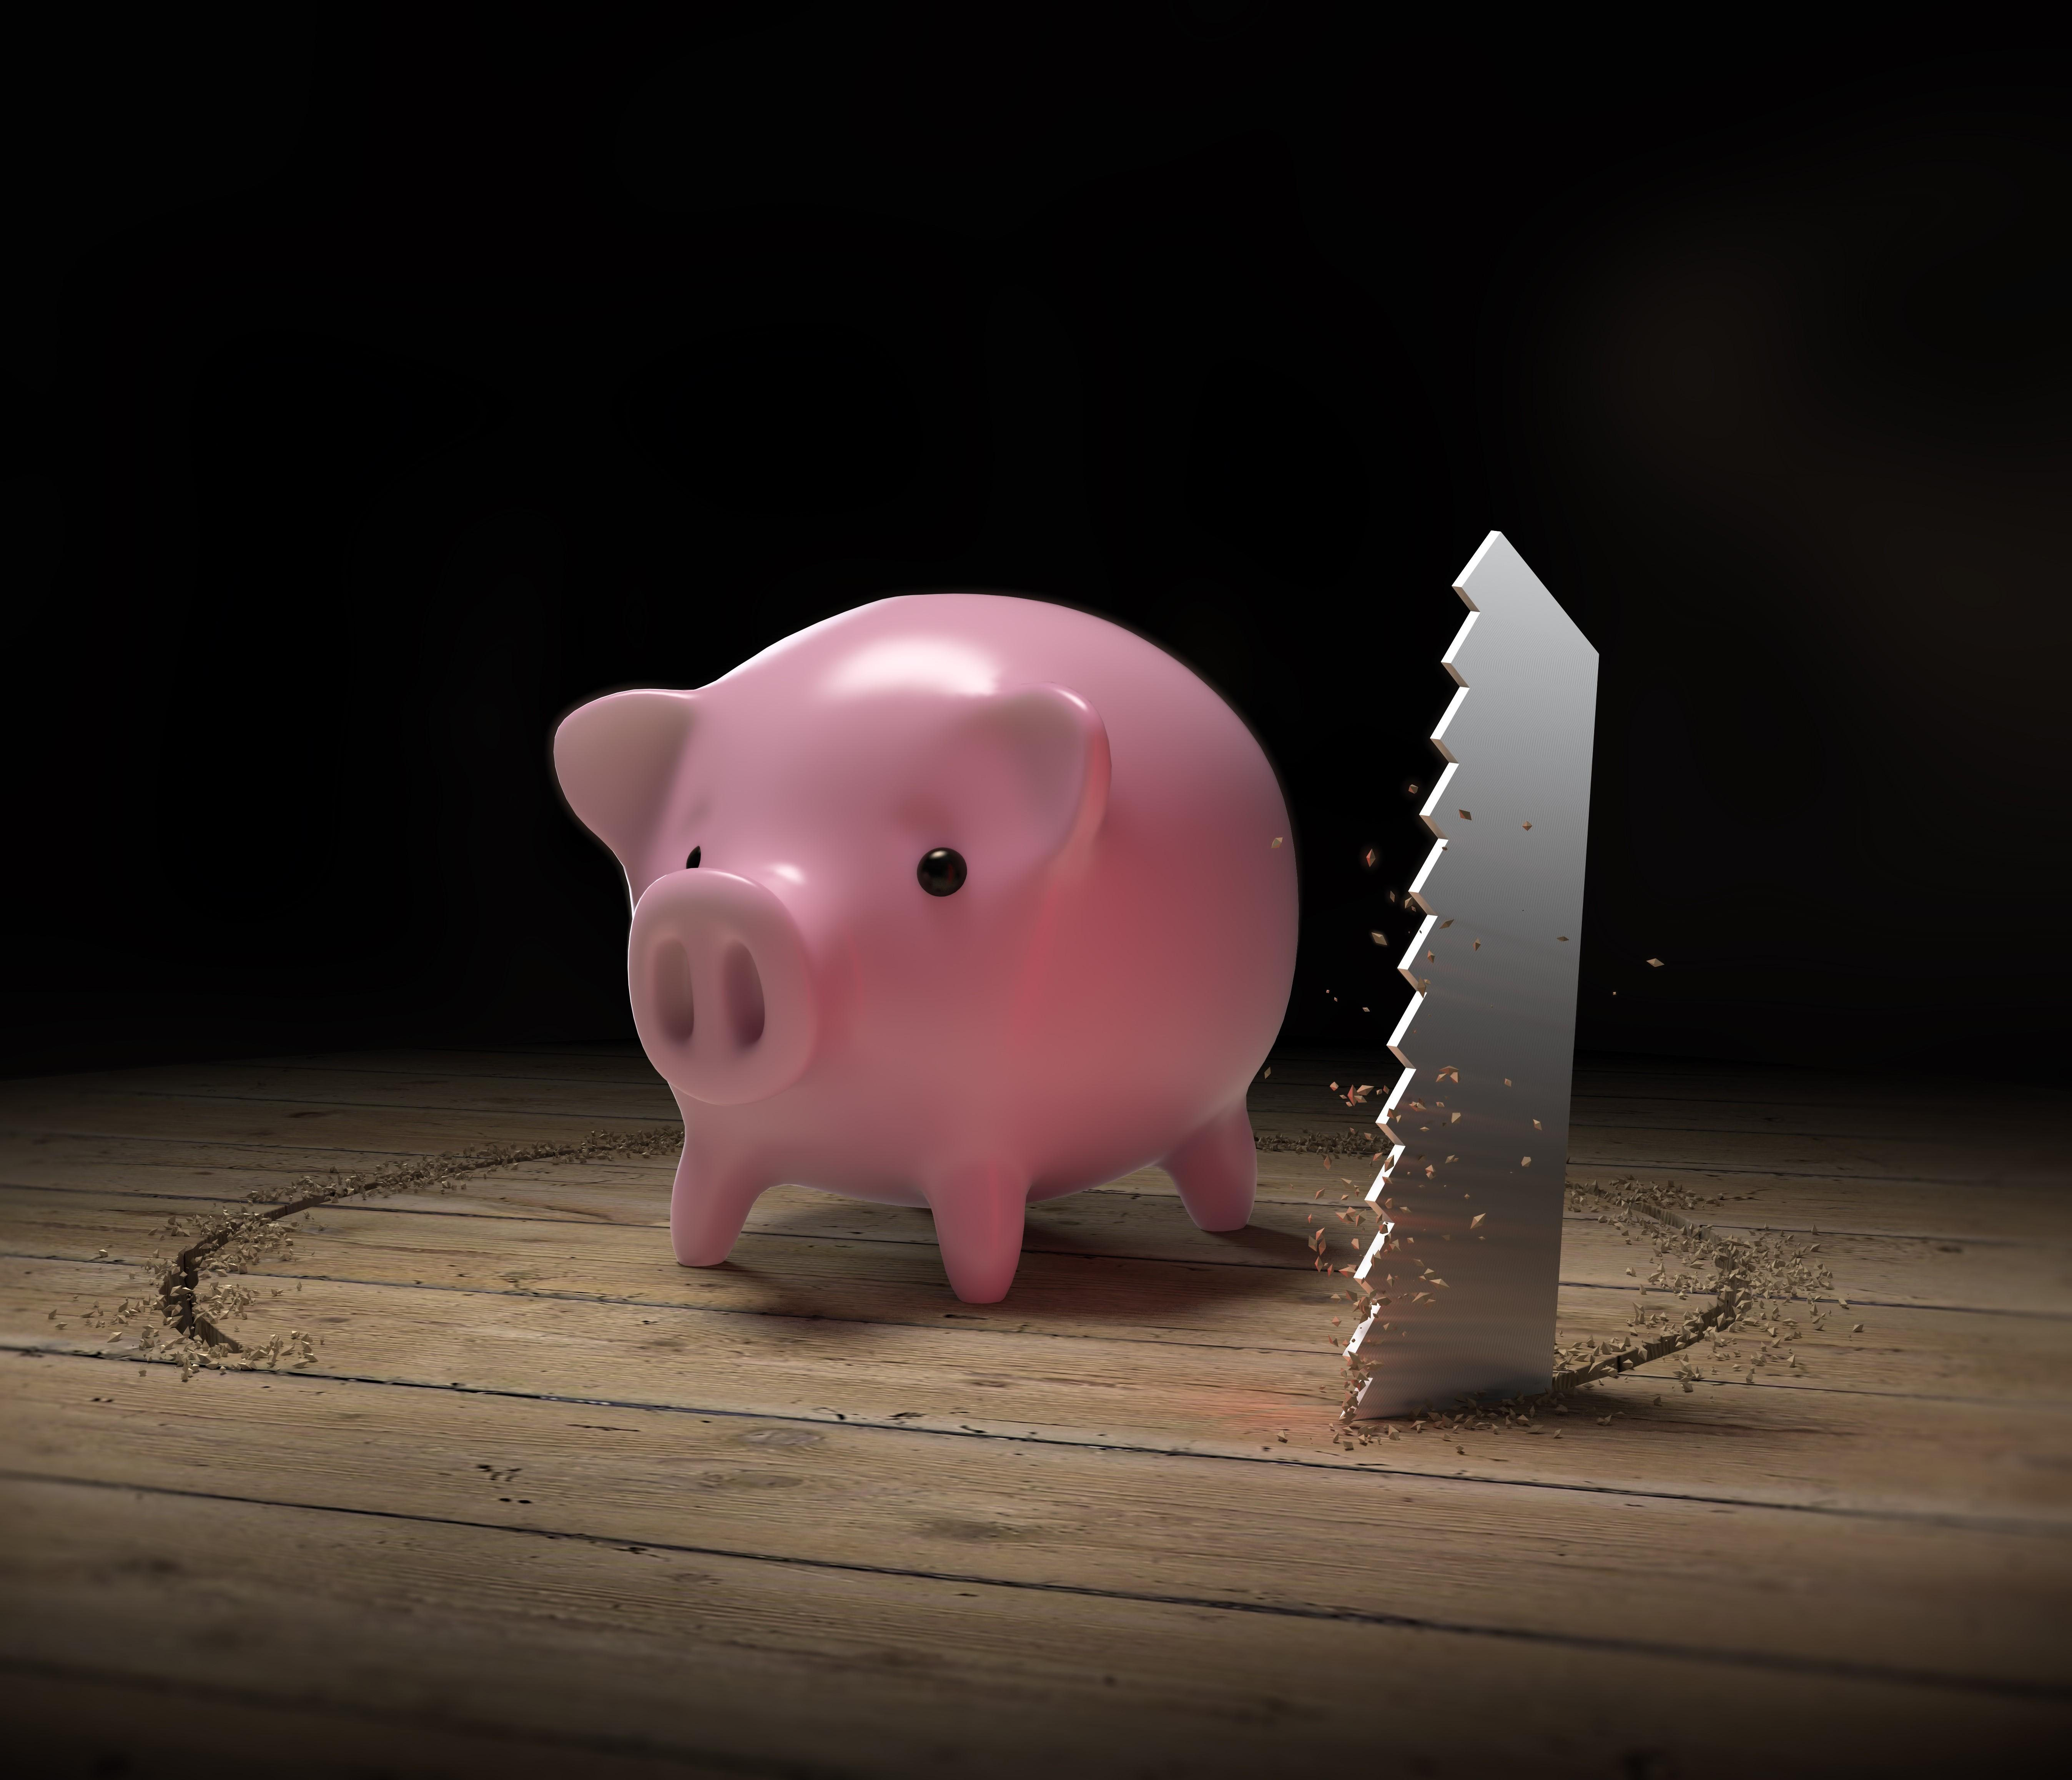 Ο νόμος που κατέστρεψε το Χρηματιστήριο: Δημόσιες προτάσεις αγοράς μετοχών